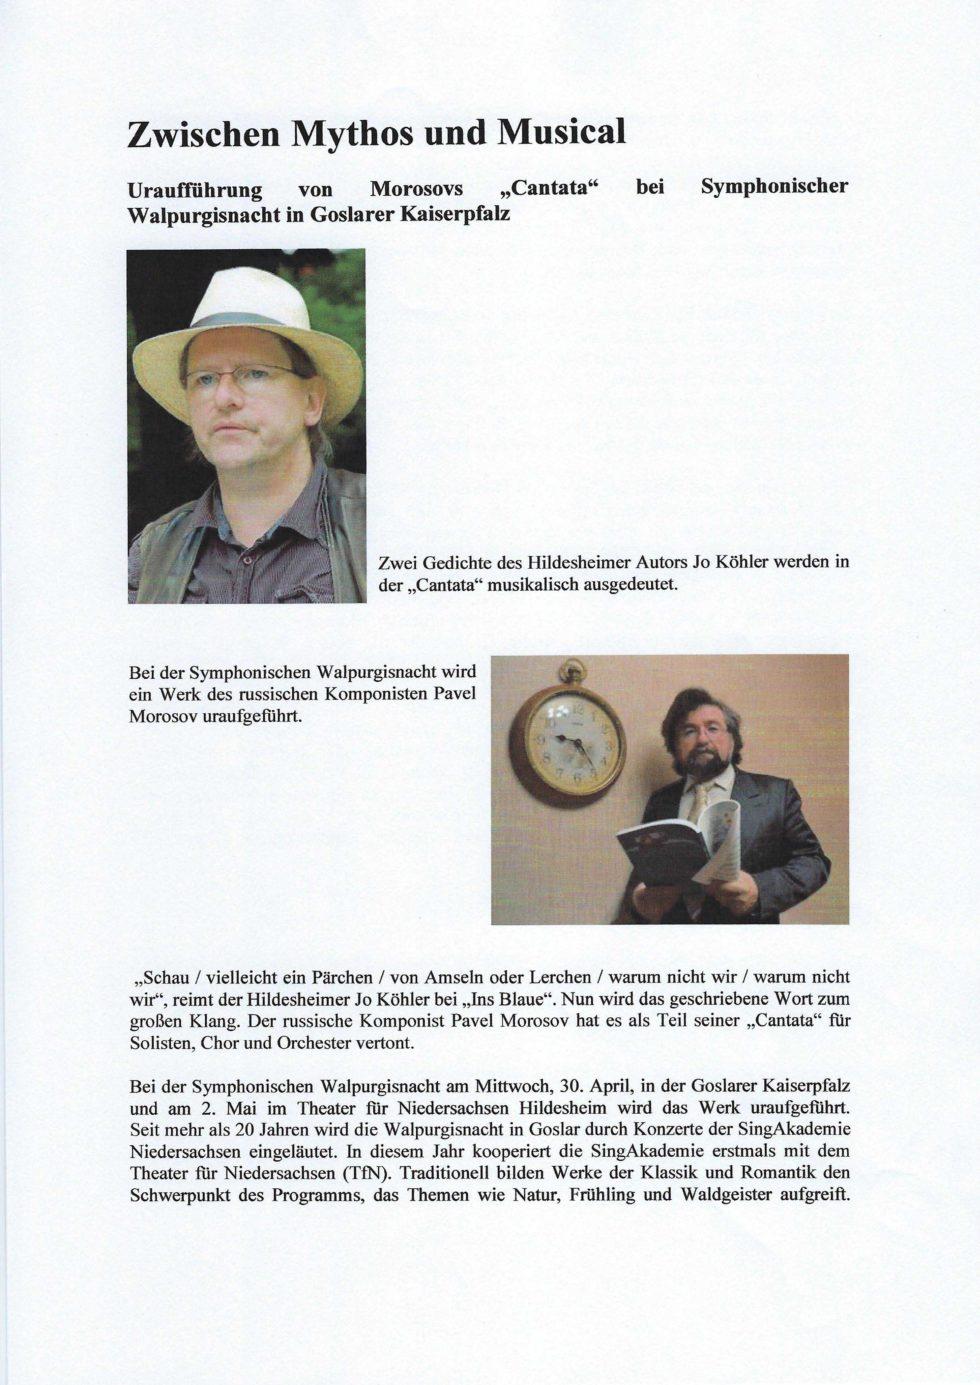 2014 Bistums Jubiläum, LeseZeichen, Morosov Vertonung_Seite_10